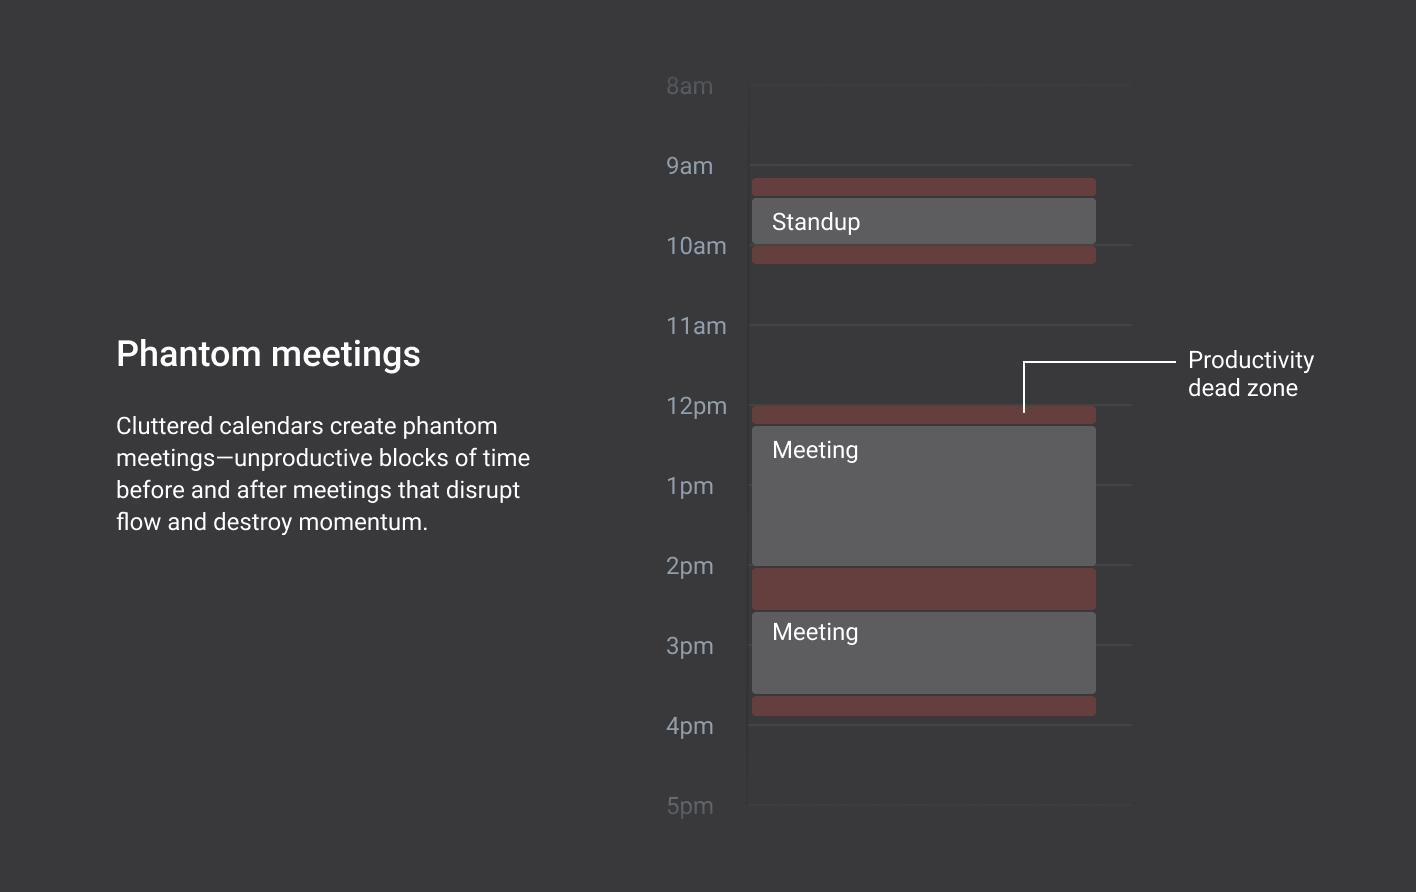 Cost of meetings